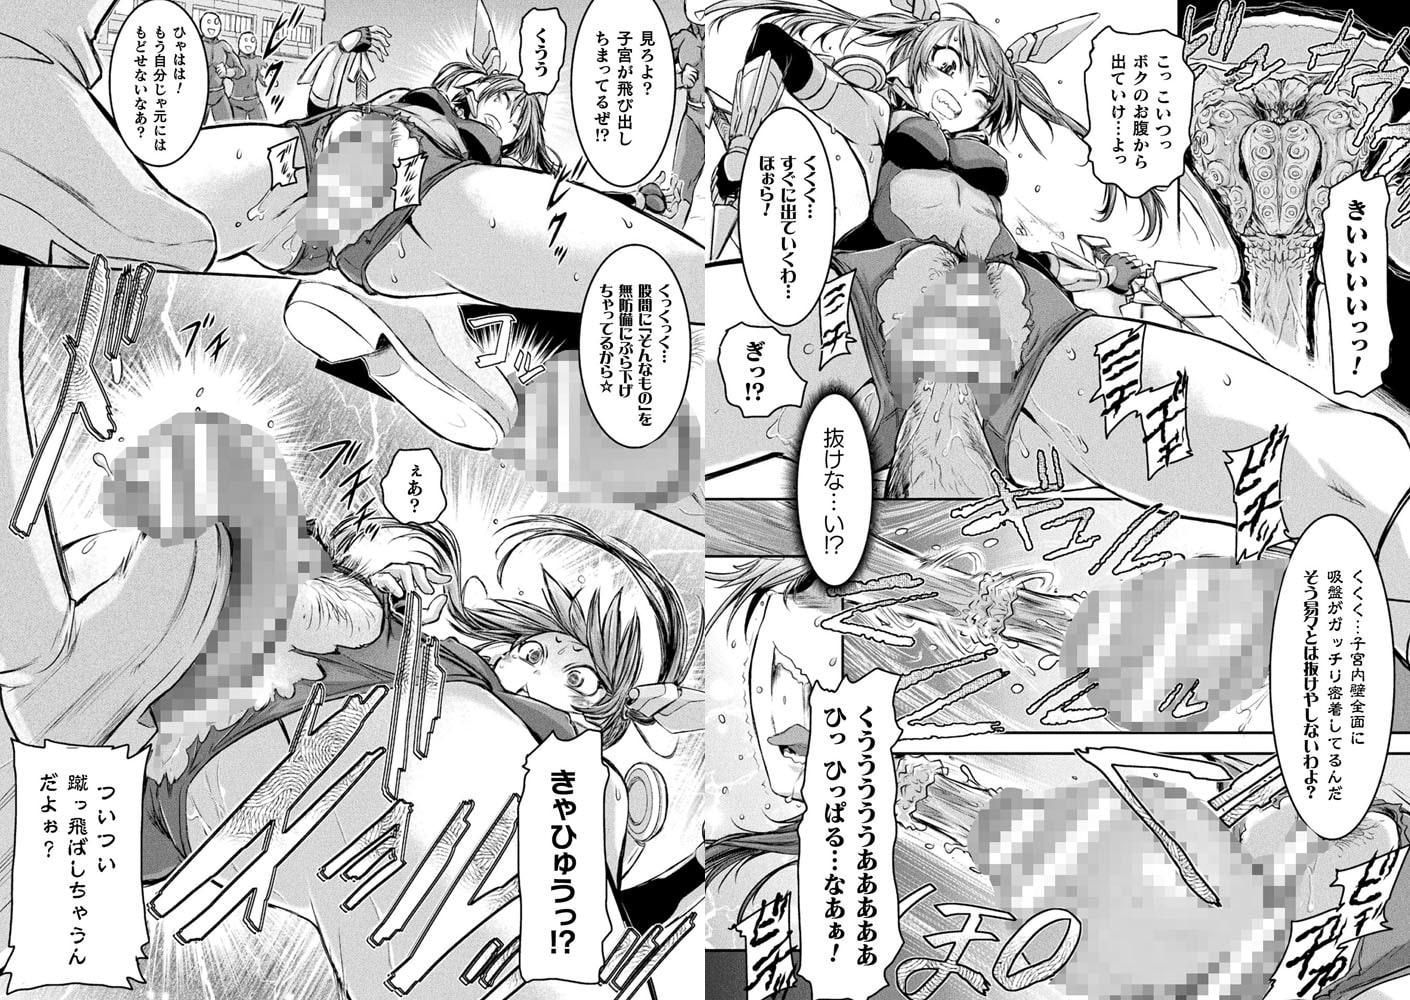 【触手】石野鐘音先生2冊パック(202010) サンプル画像3